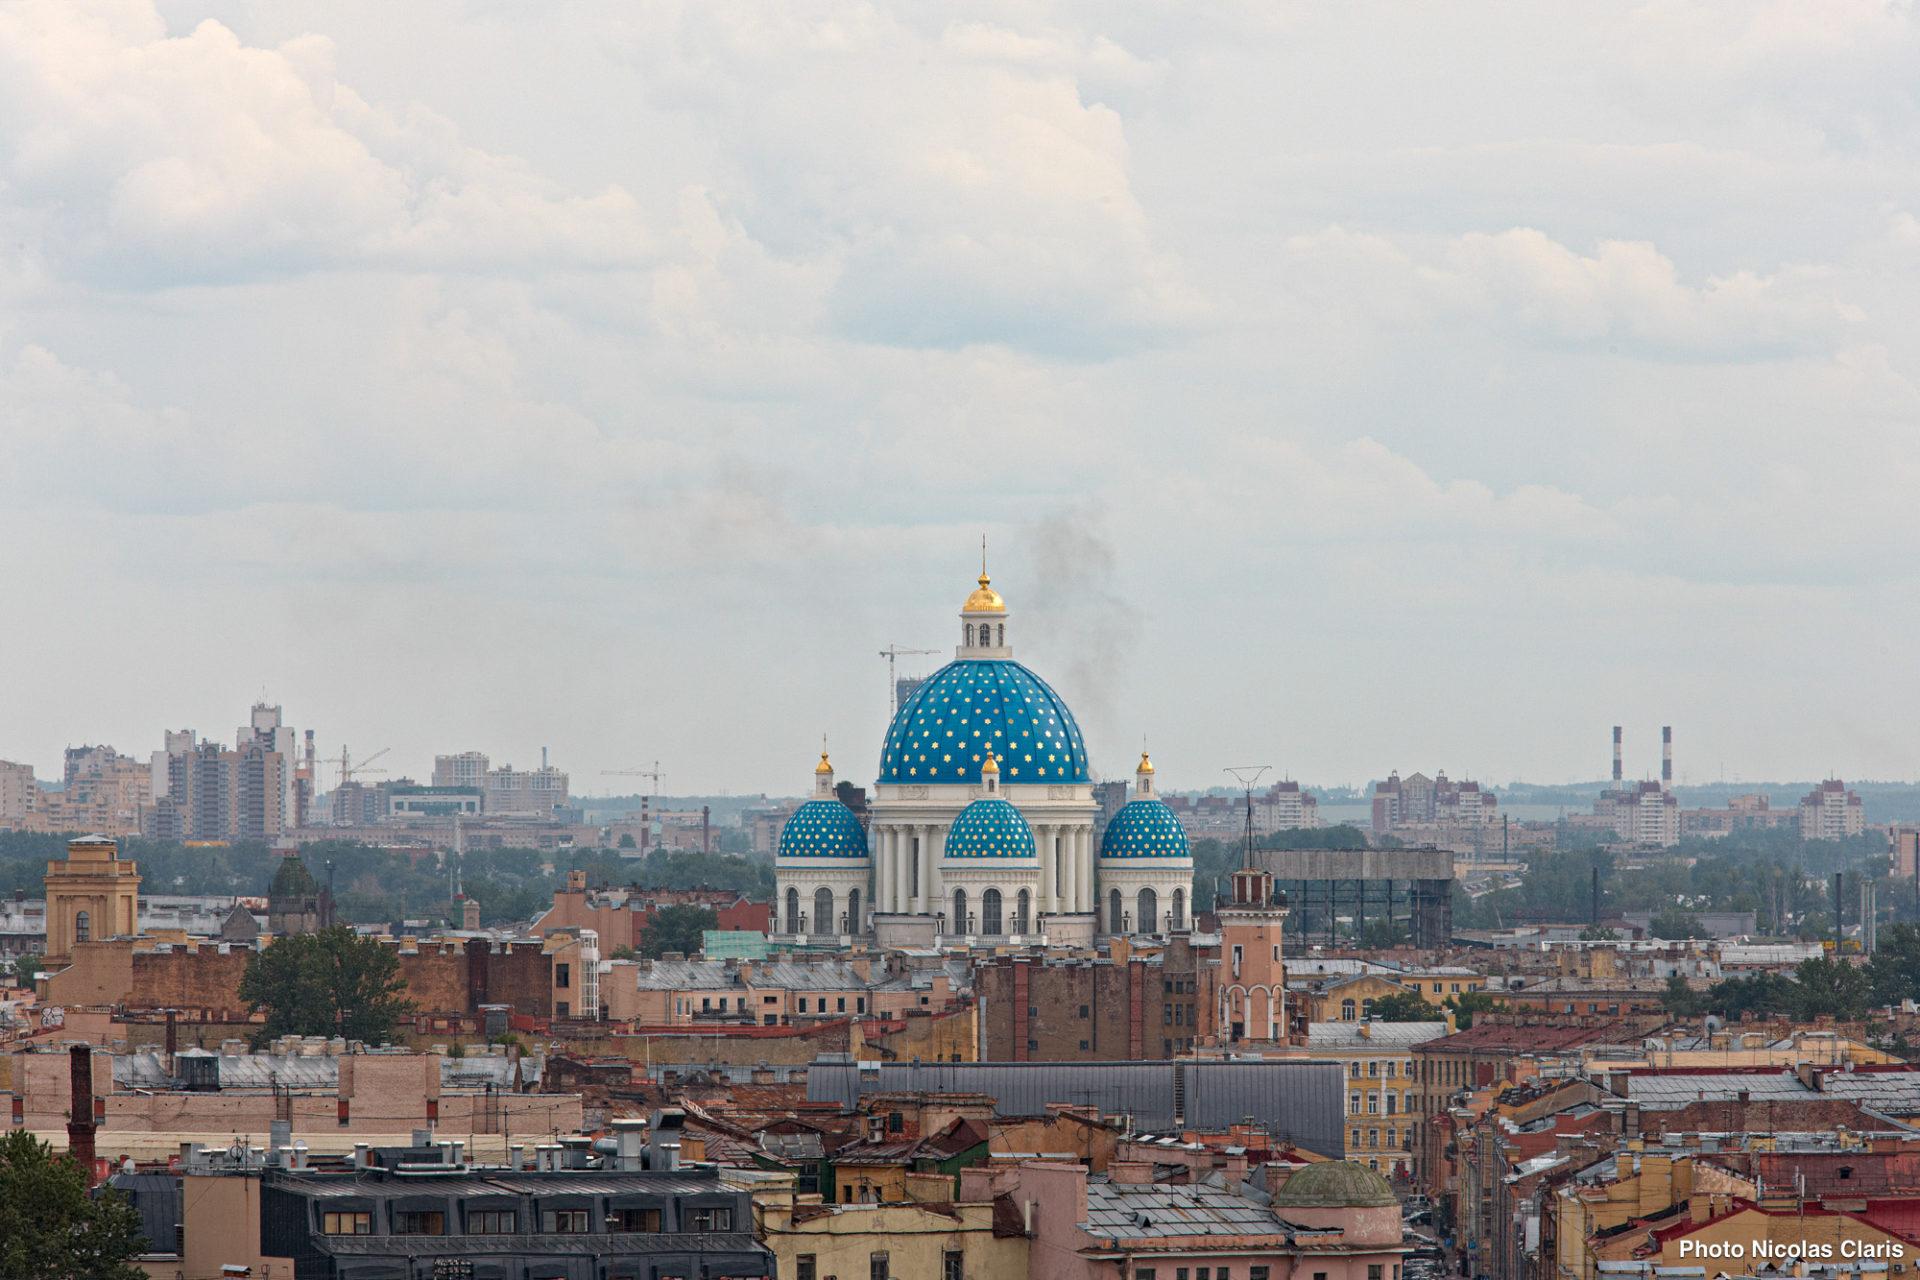 HD_Saint-Petersburg_City_45R10175